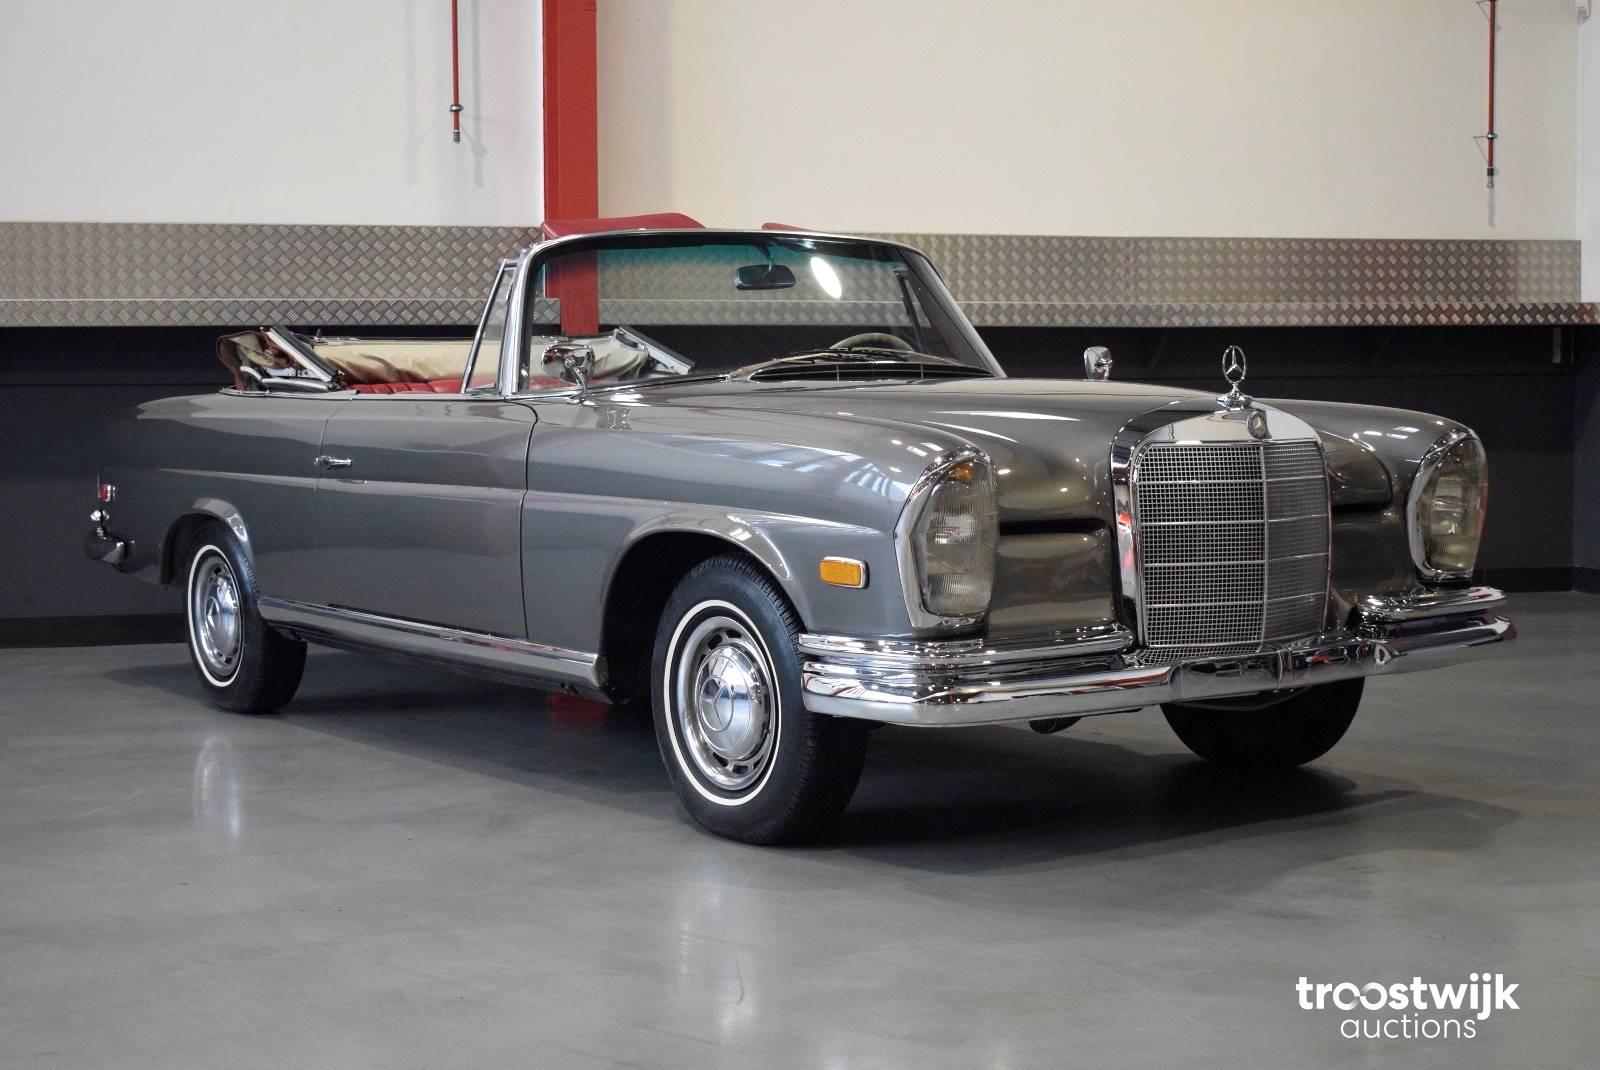 Classic Vintage Advertisement Ad H05 1962 Mercedes Benz 220SE Coupe